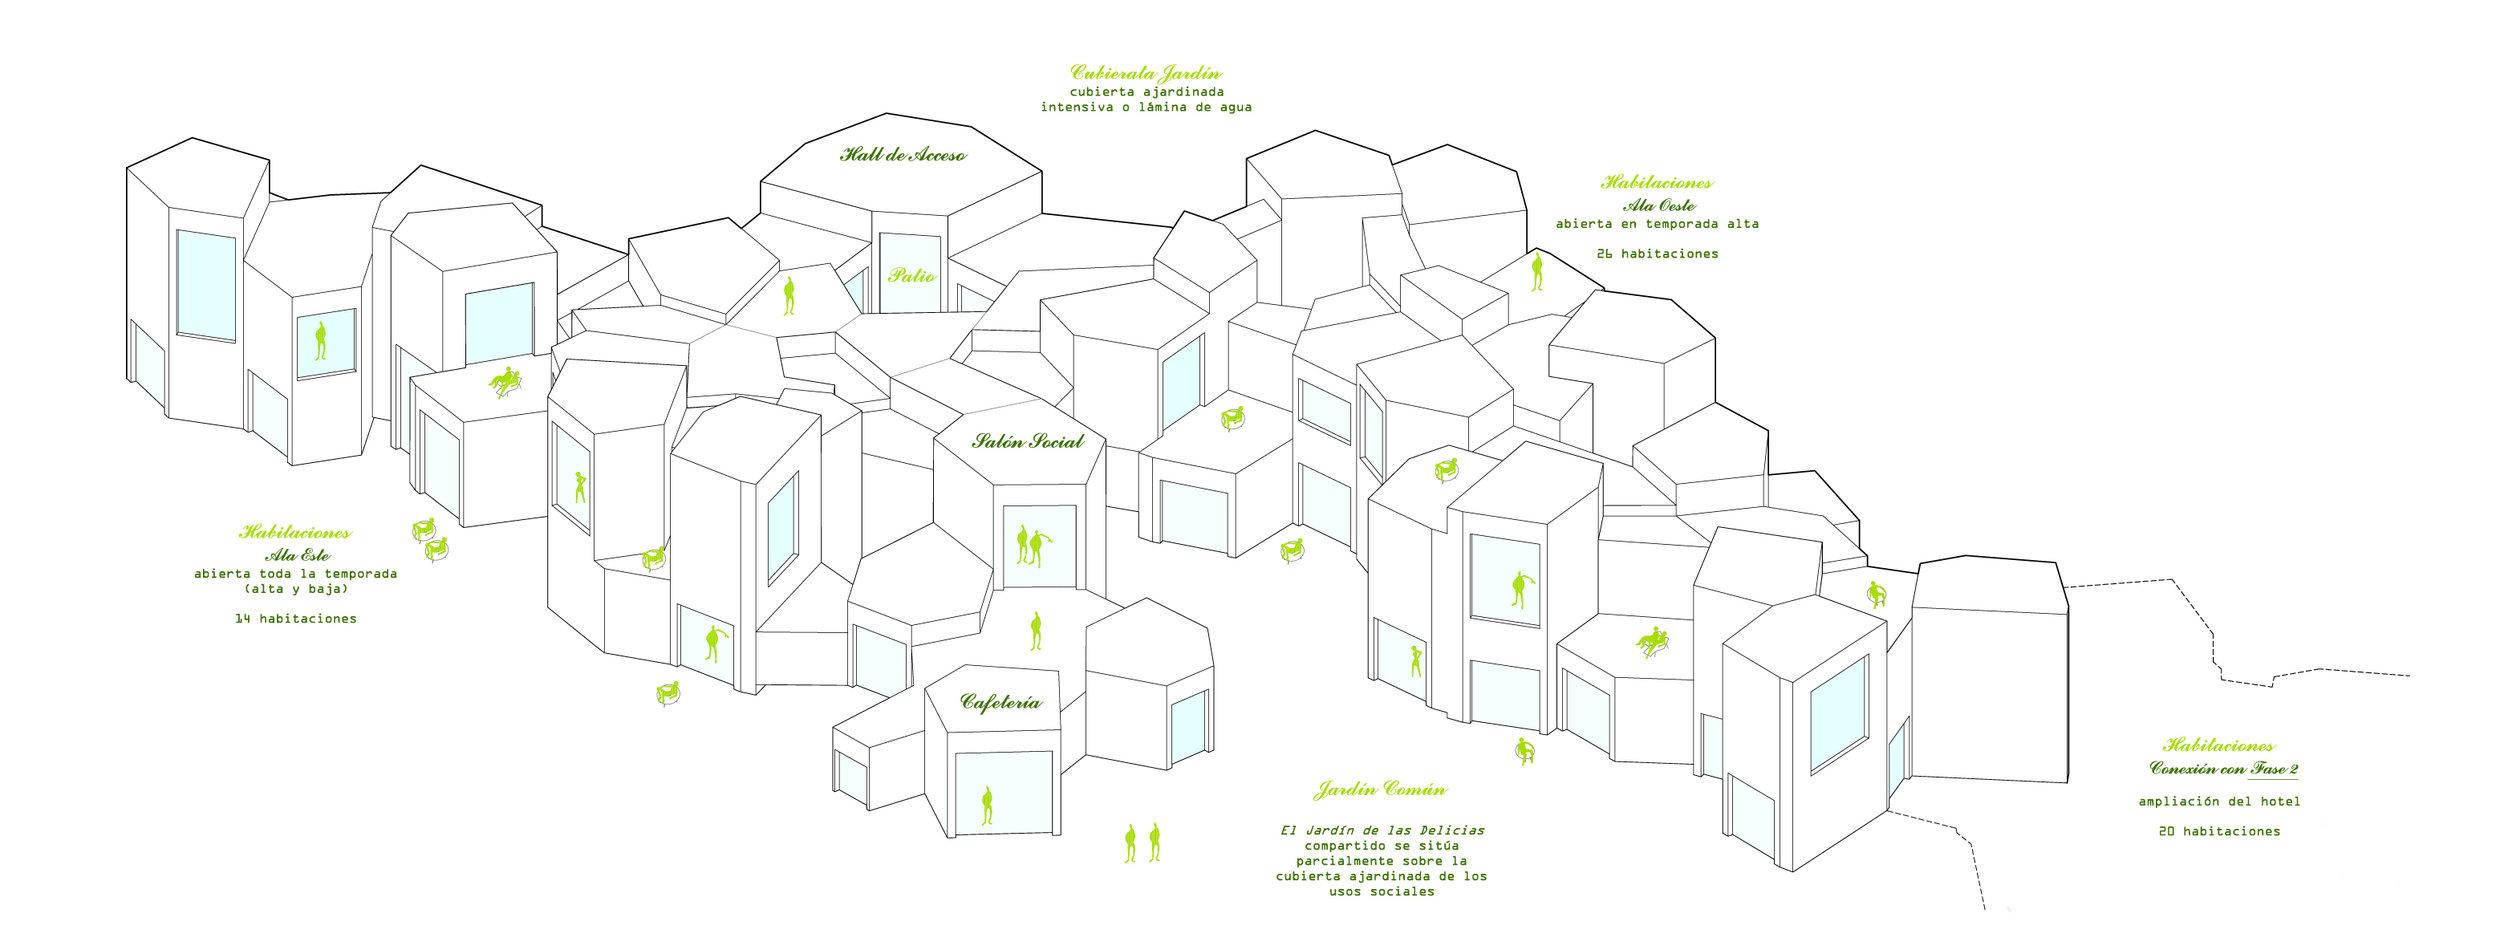 axonometrica.jpg